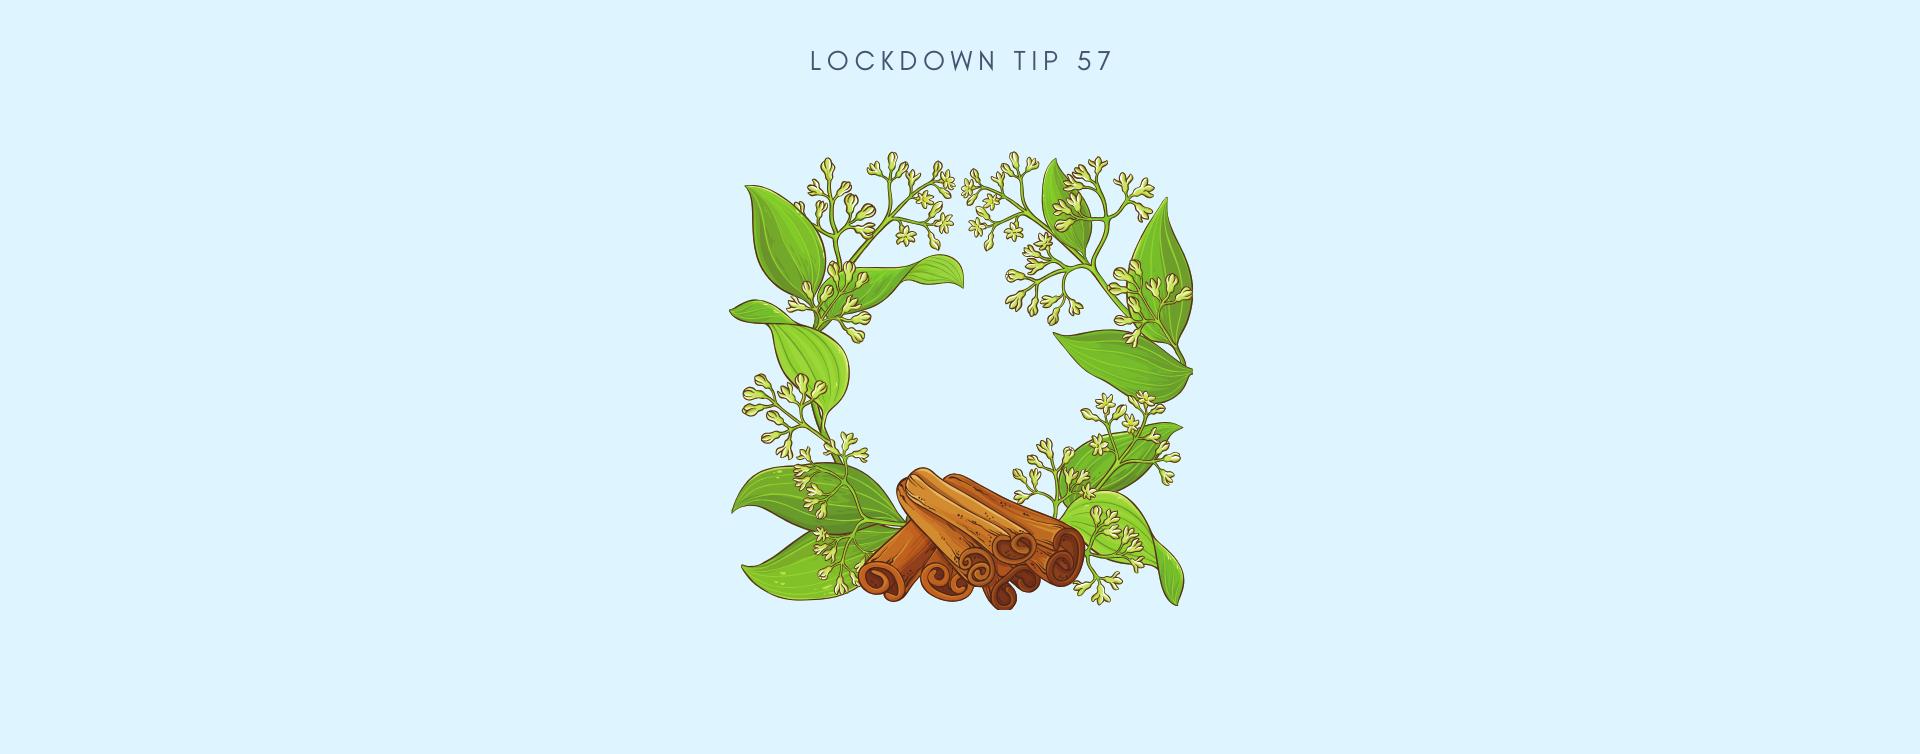 MCSA Lockdown Tip 57